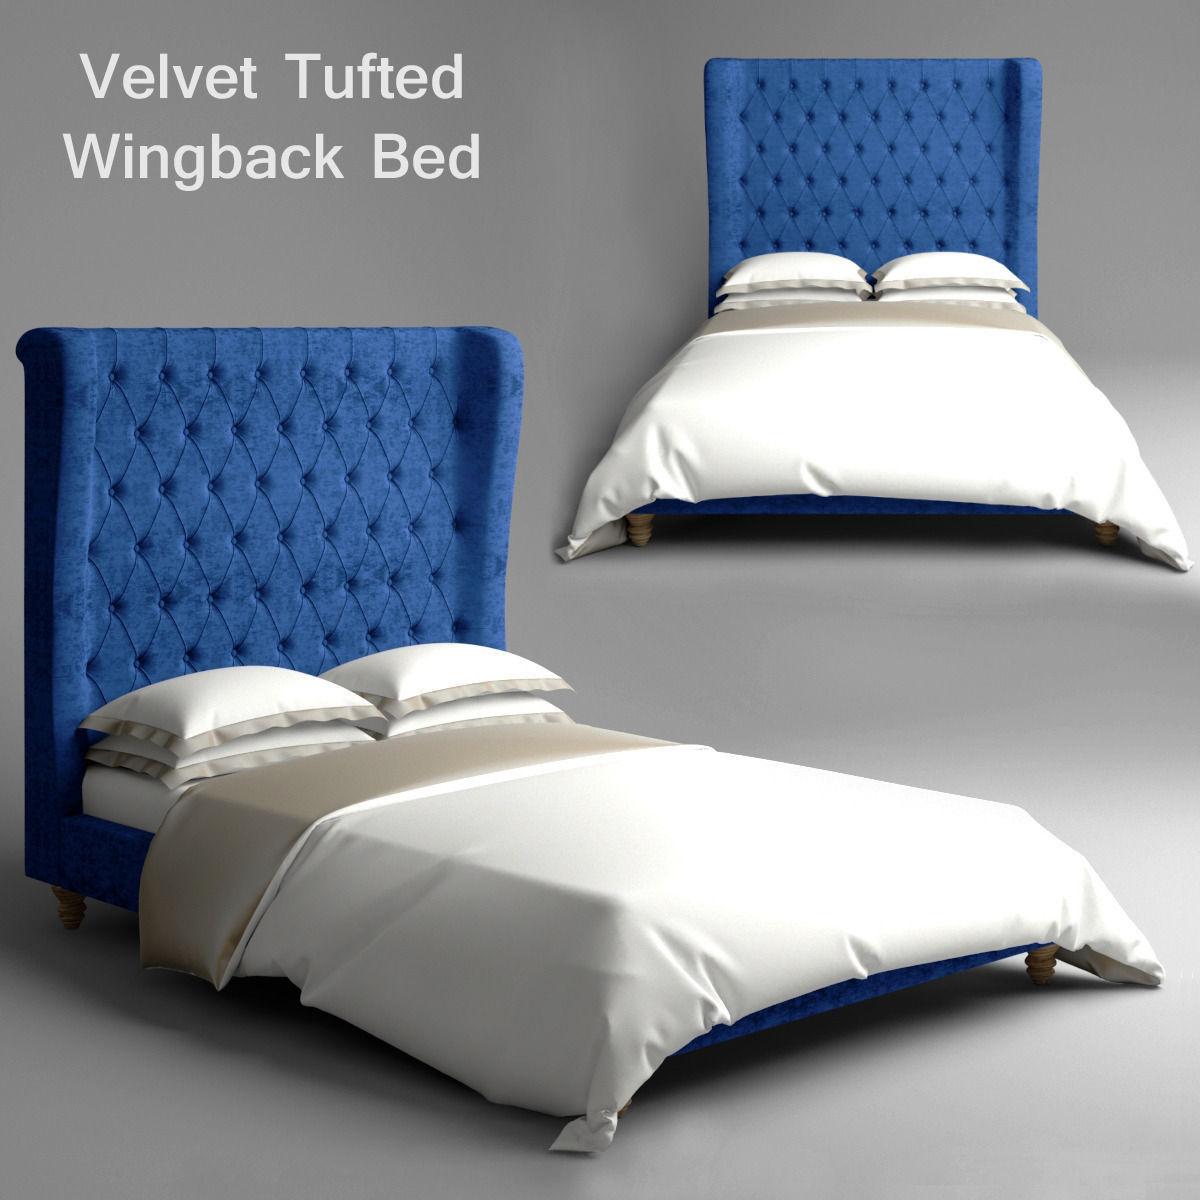 velvet tufted wingback bed 3d model max obj mtl 1